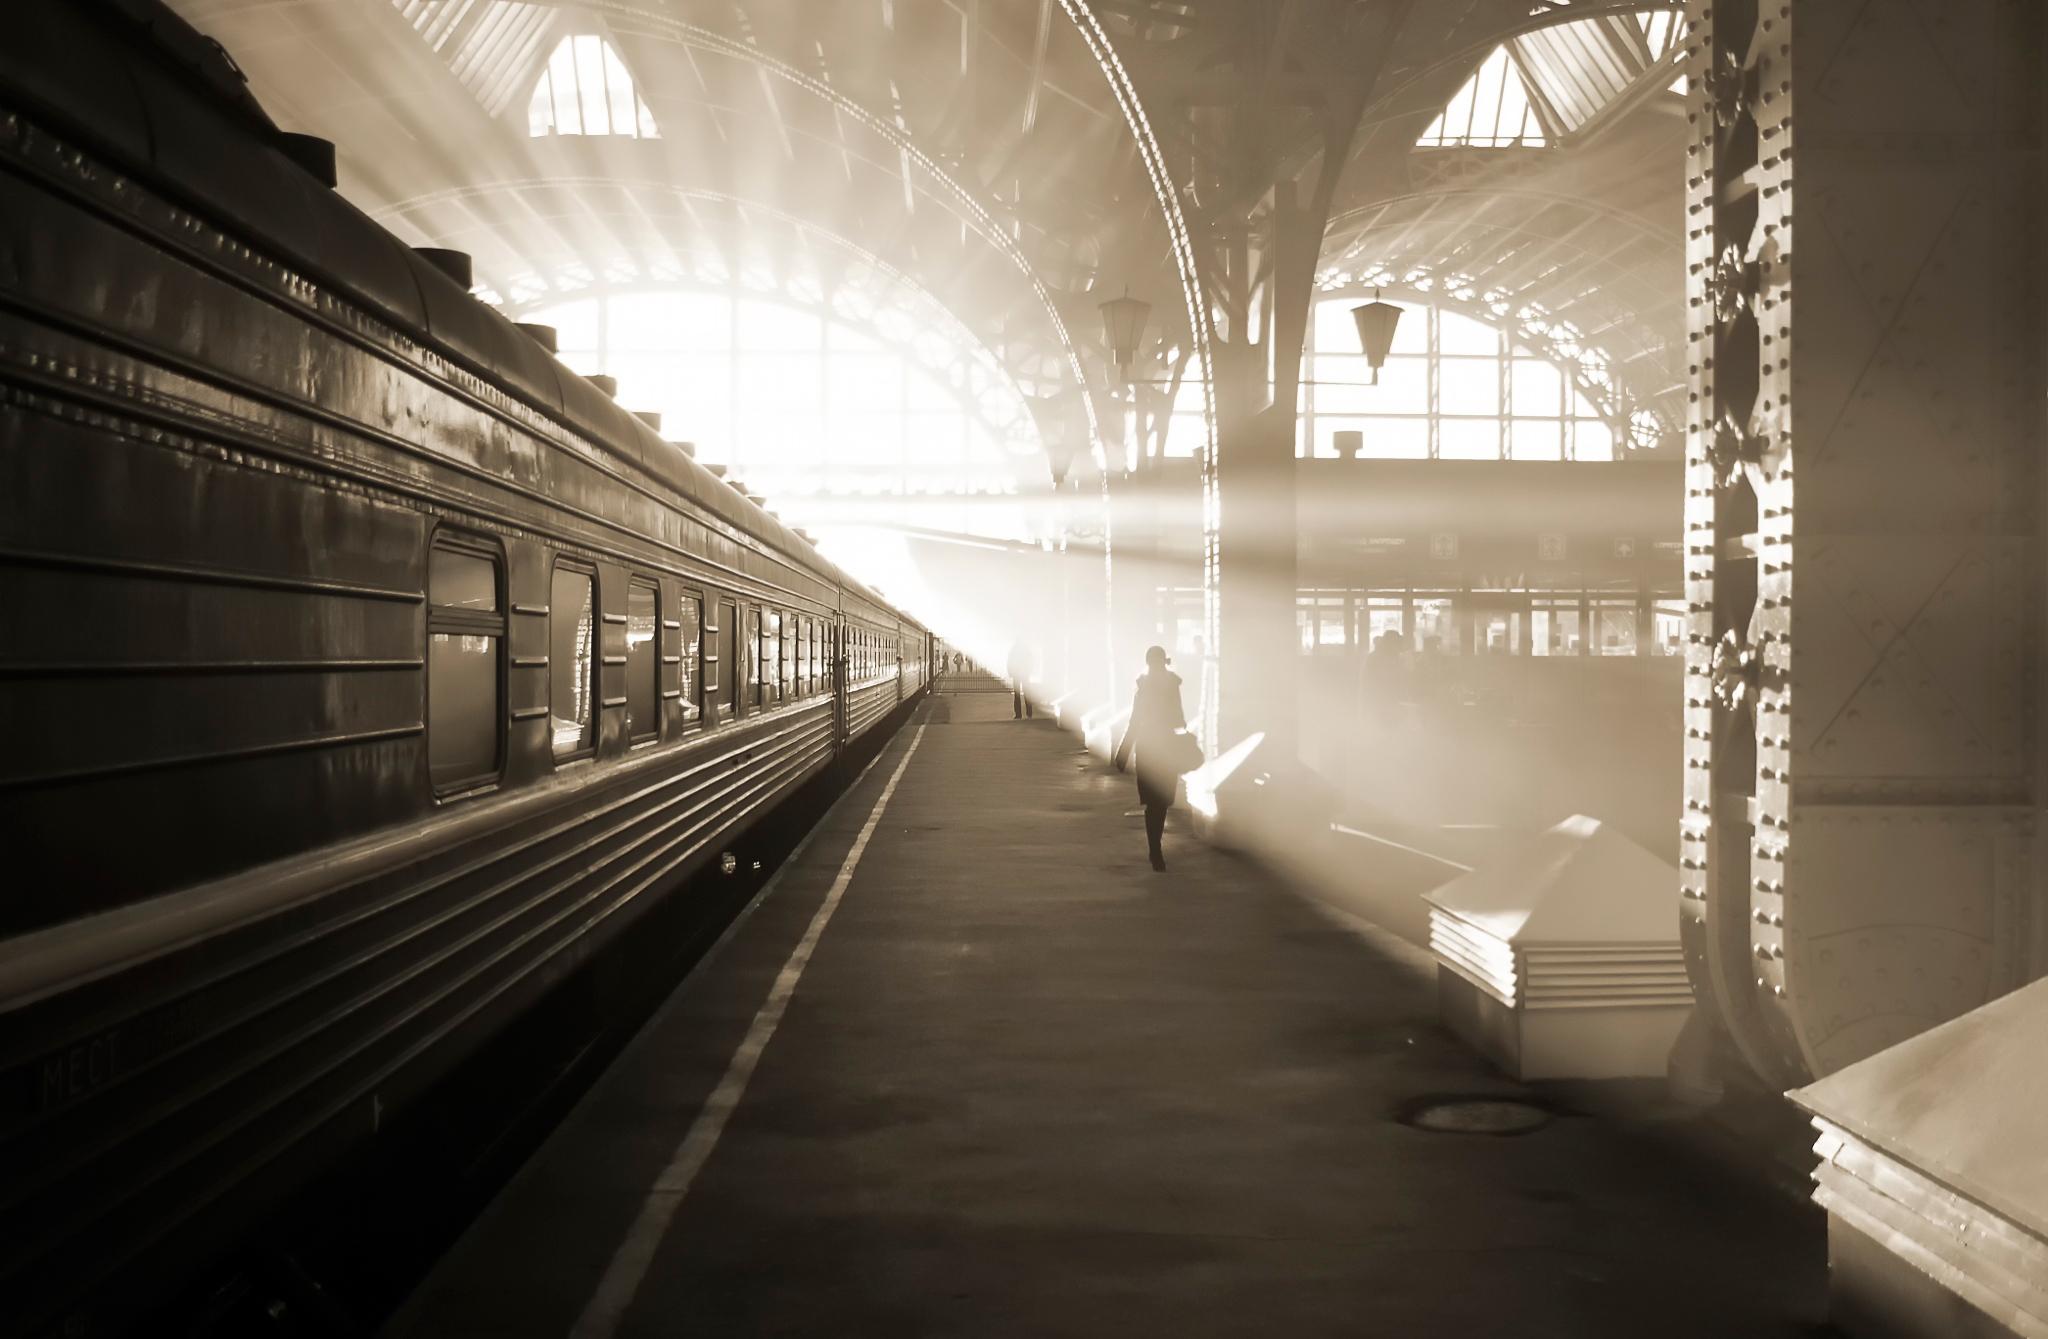 череповца строго поезда на вокзале обои и картинки этот город прибывают